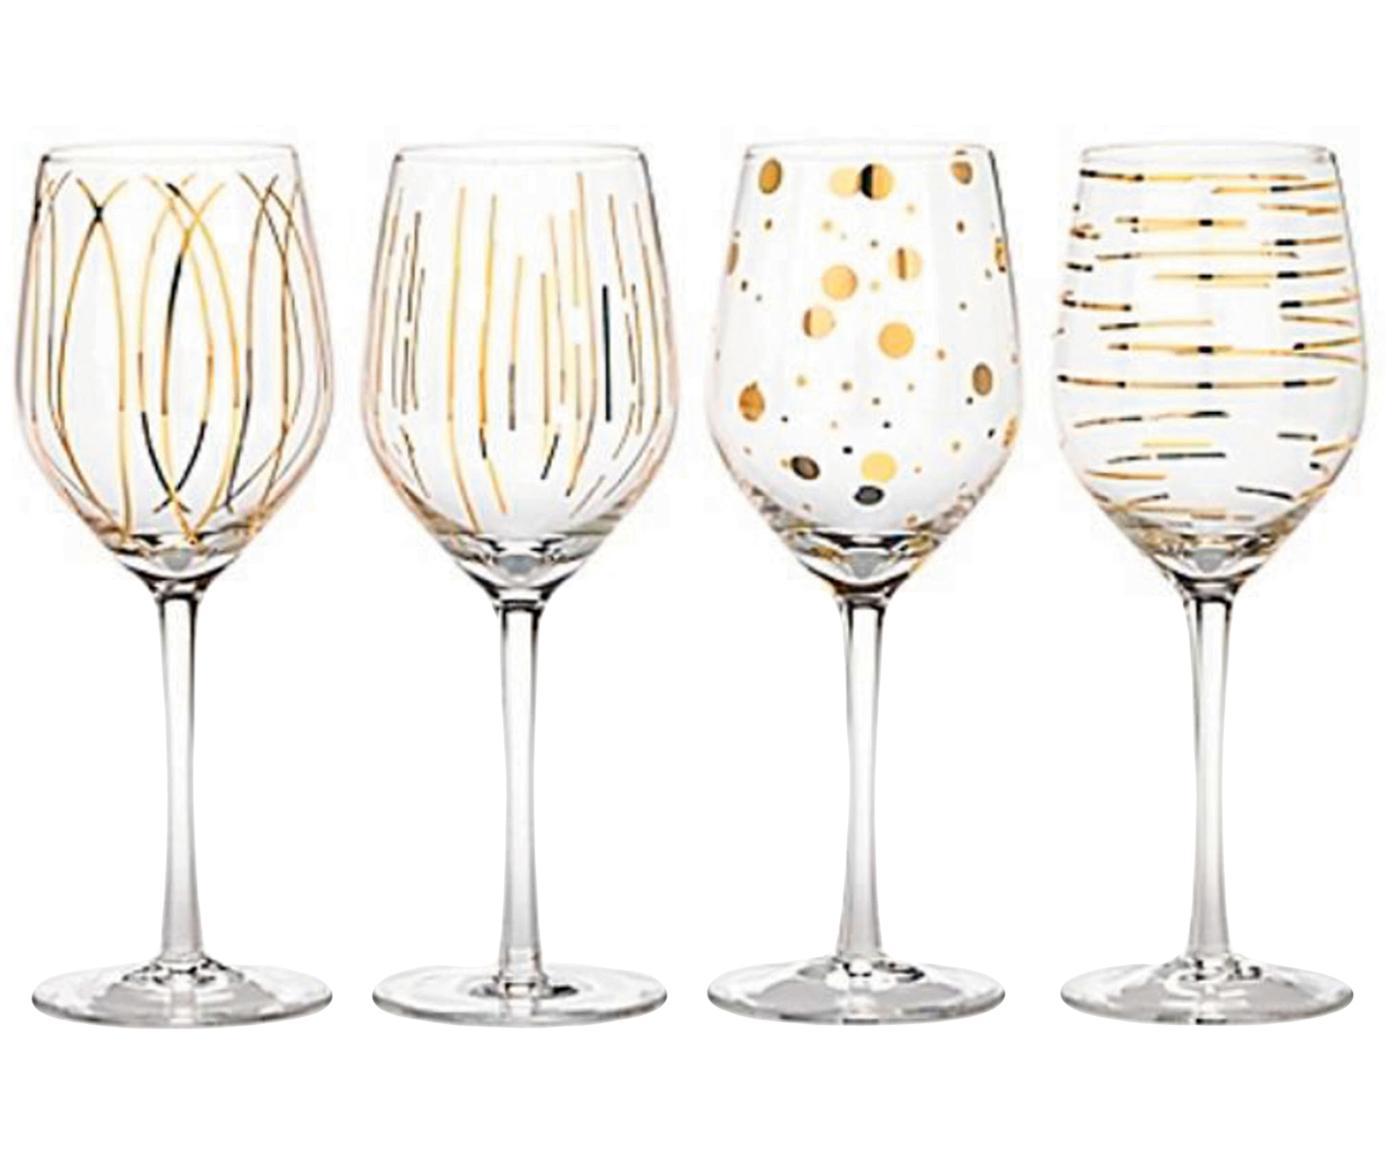 Kieliszek do białego wina Mikasa Cheers, 4 elem., Szkło, Transparentny, odcienie złotego, Ø 9 x W 25 cm